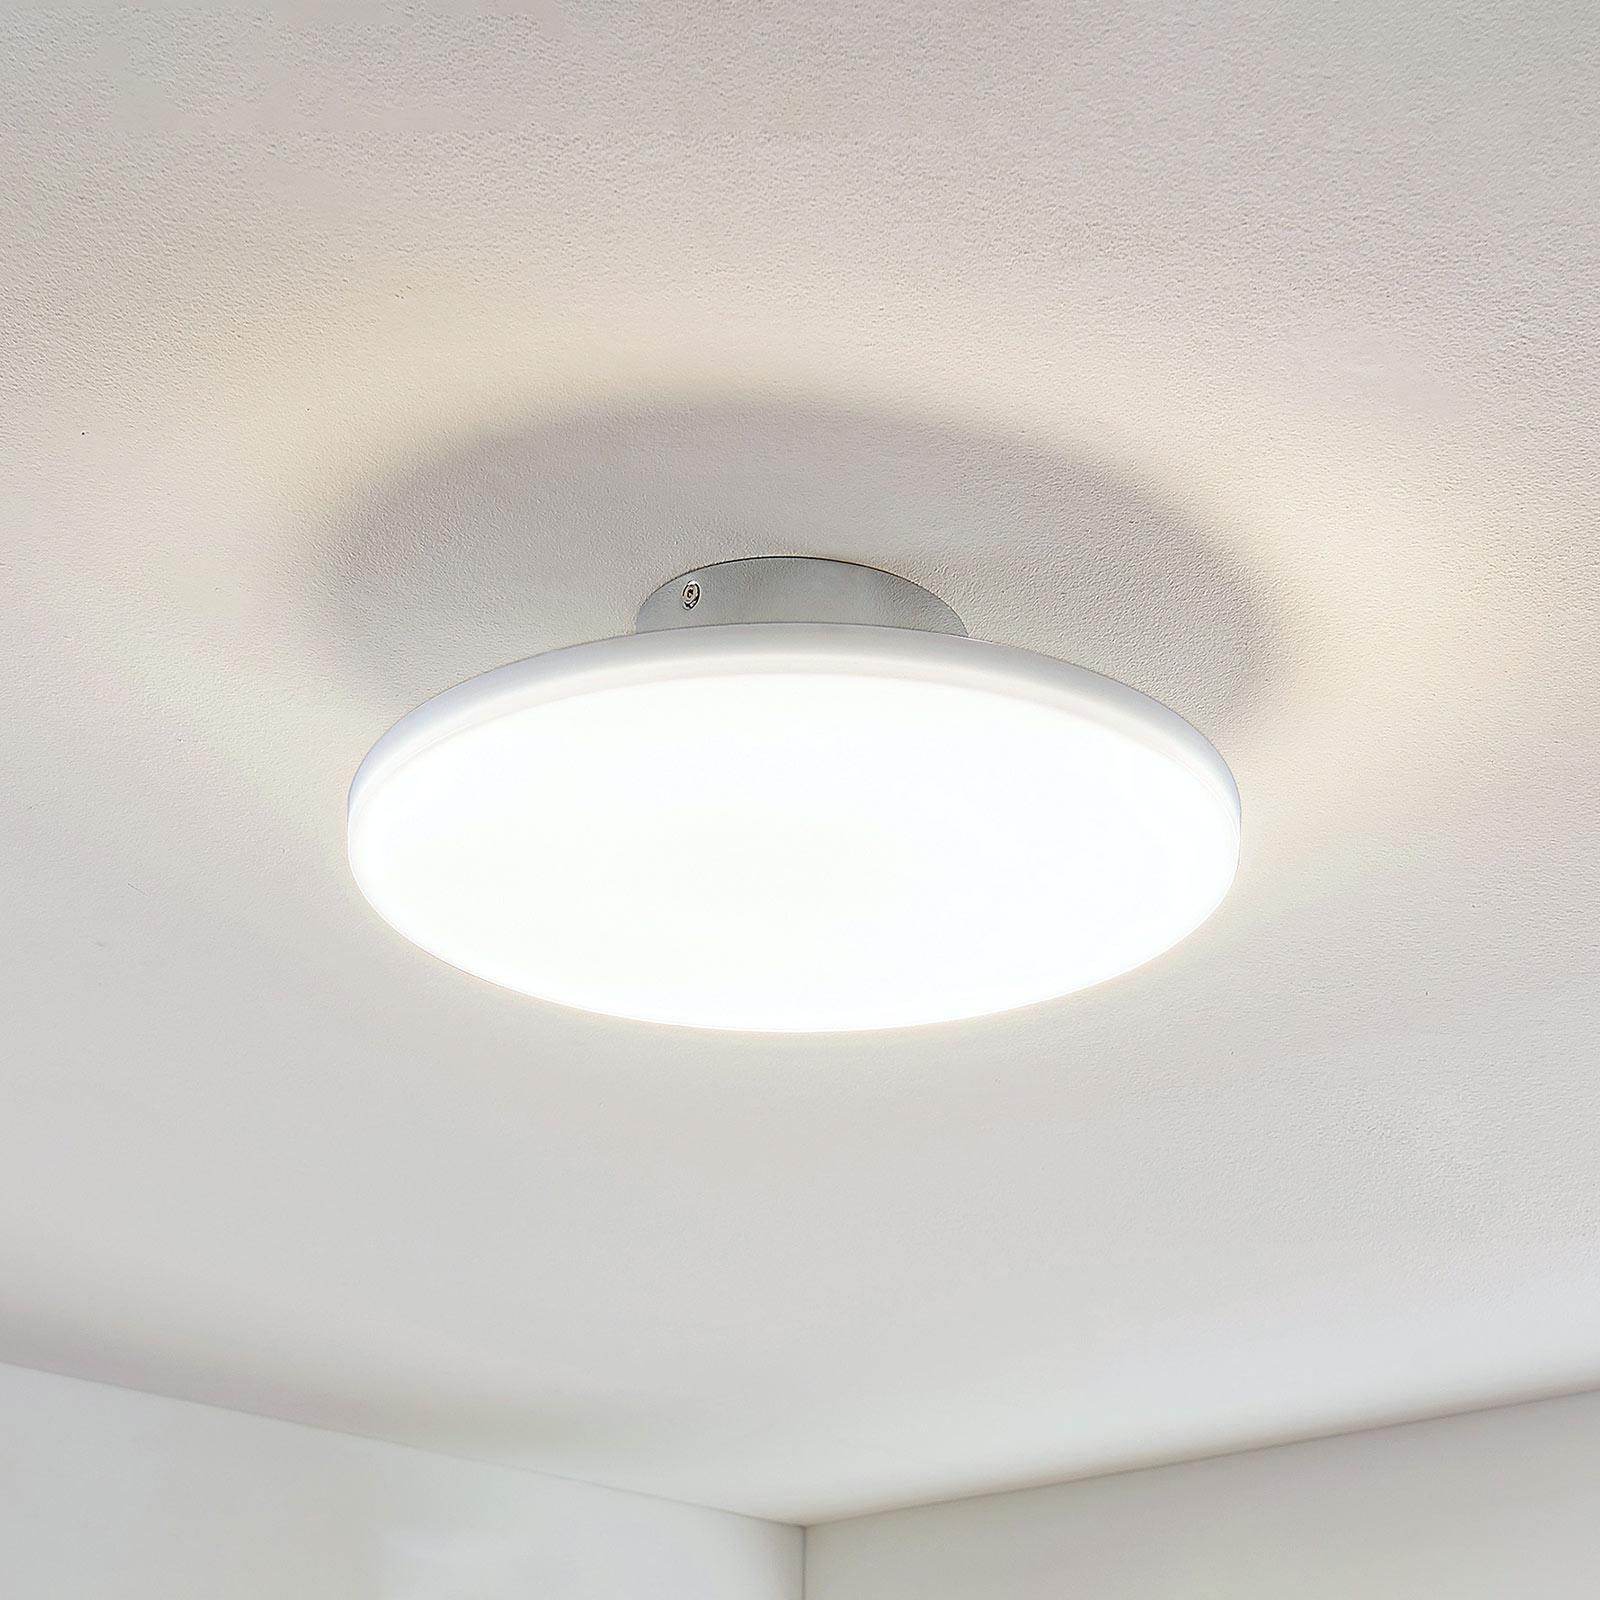 LED-kattovalaisin Sherko, pyöreä, 1-lamppuinen